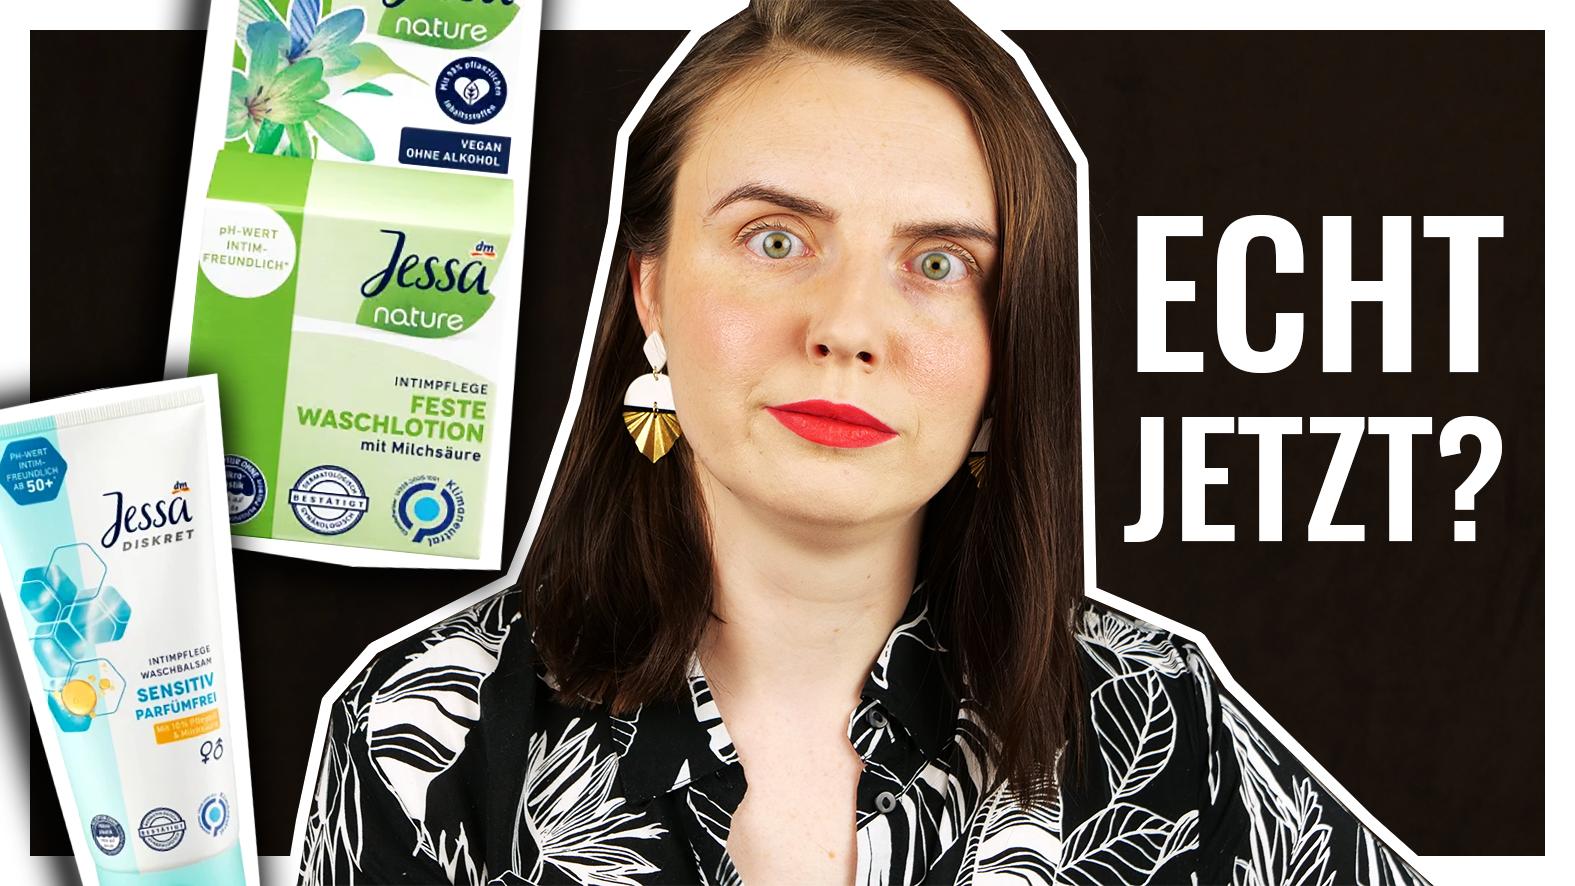 Geschockter Blick mit Produktbildern der Jessa festen Waschlotion und des Jessa Intimpflege Waschbalsams